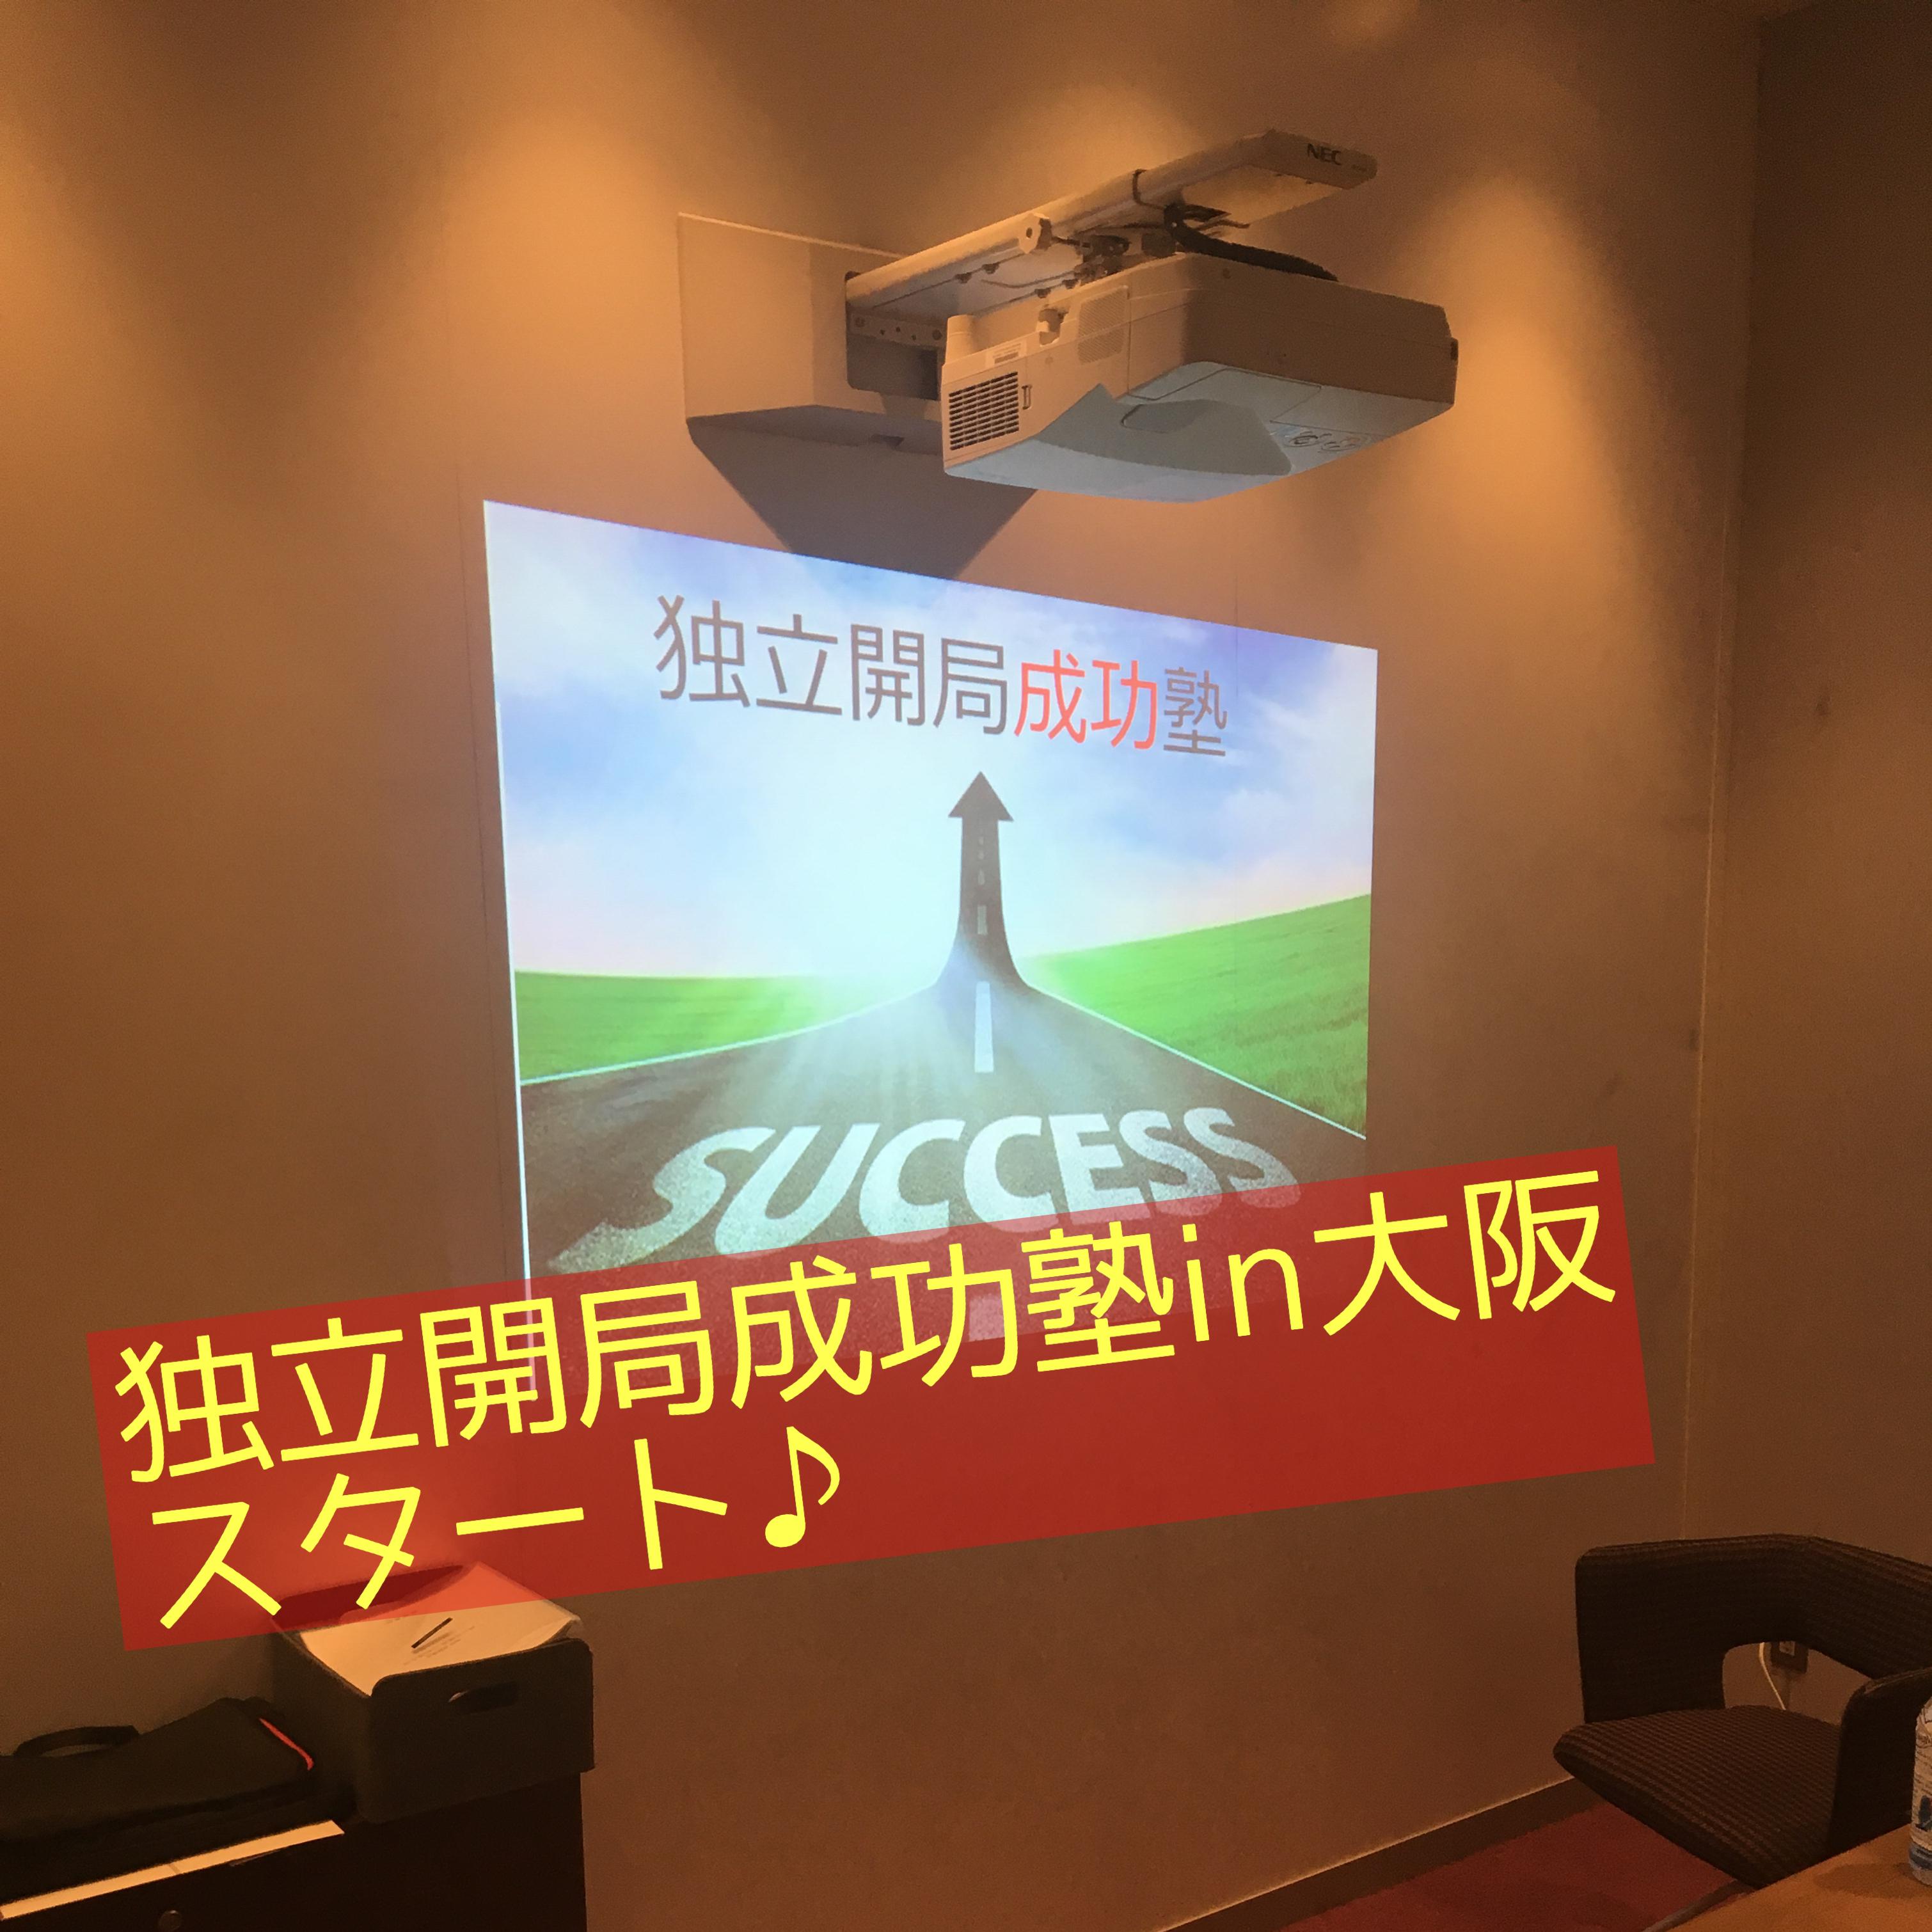 『独立開局成功塾 in 大阪』最高のメンバーが集まりました!